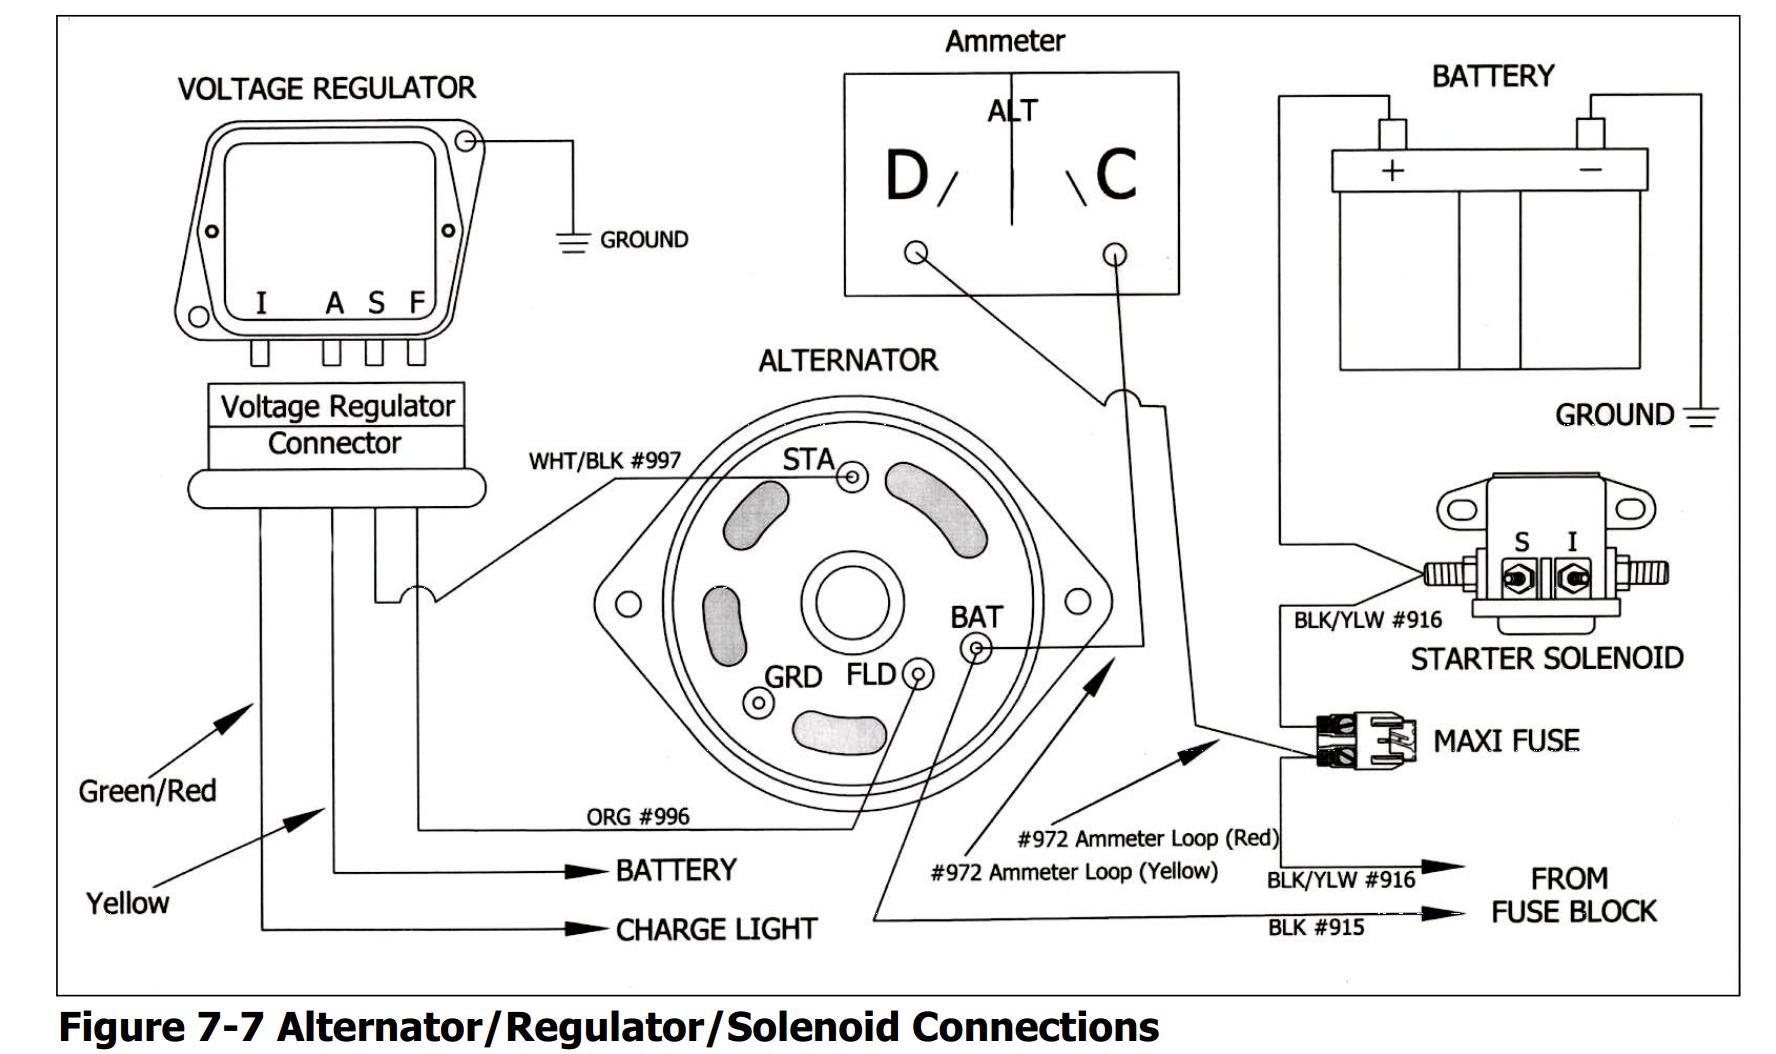 vr600 voltage regulator wiring diagram [ 1776 x 1054 Pixel ]